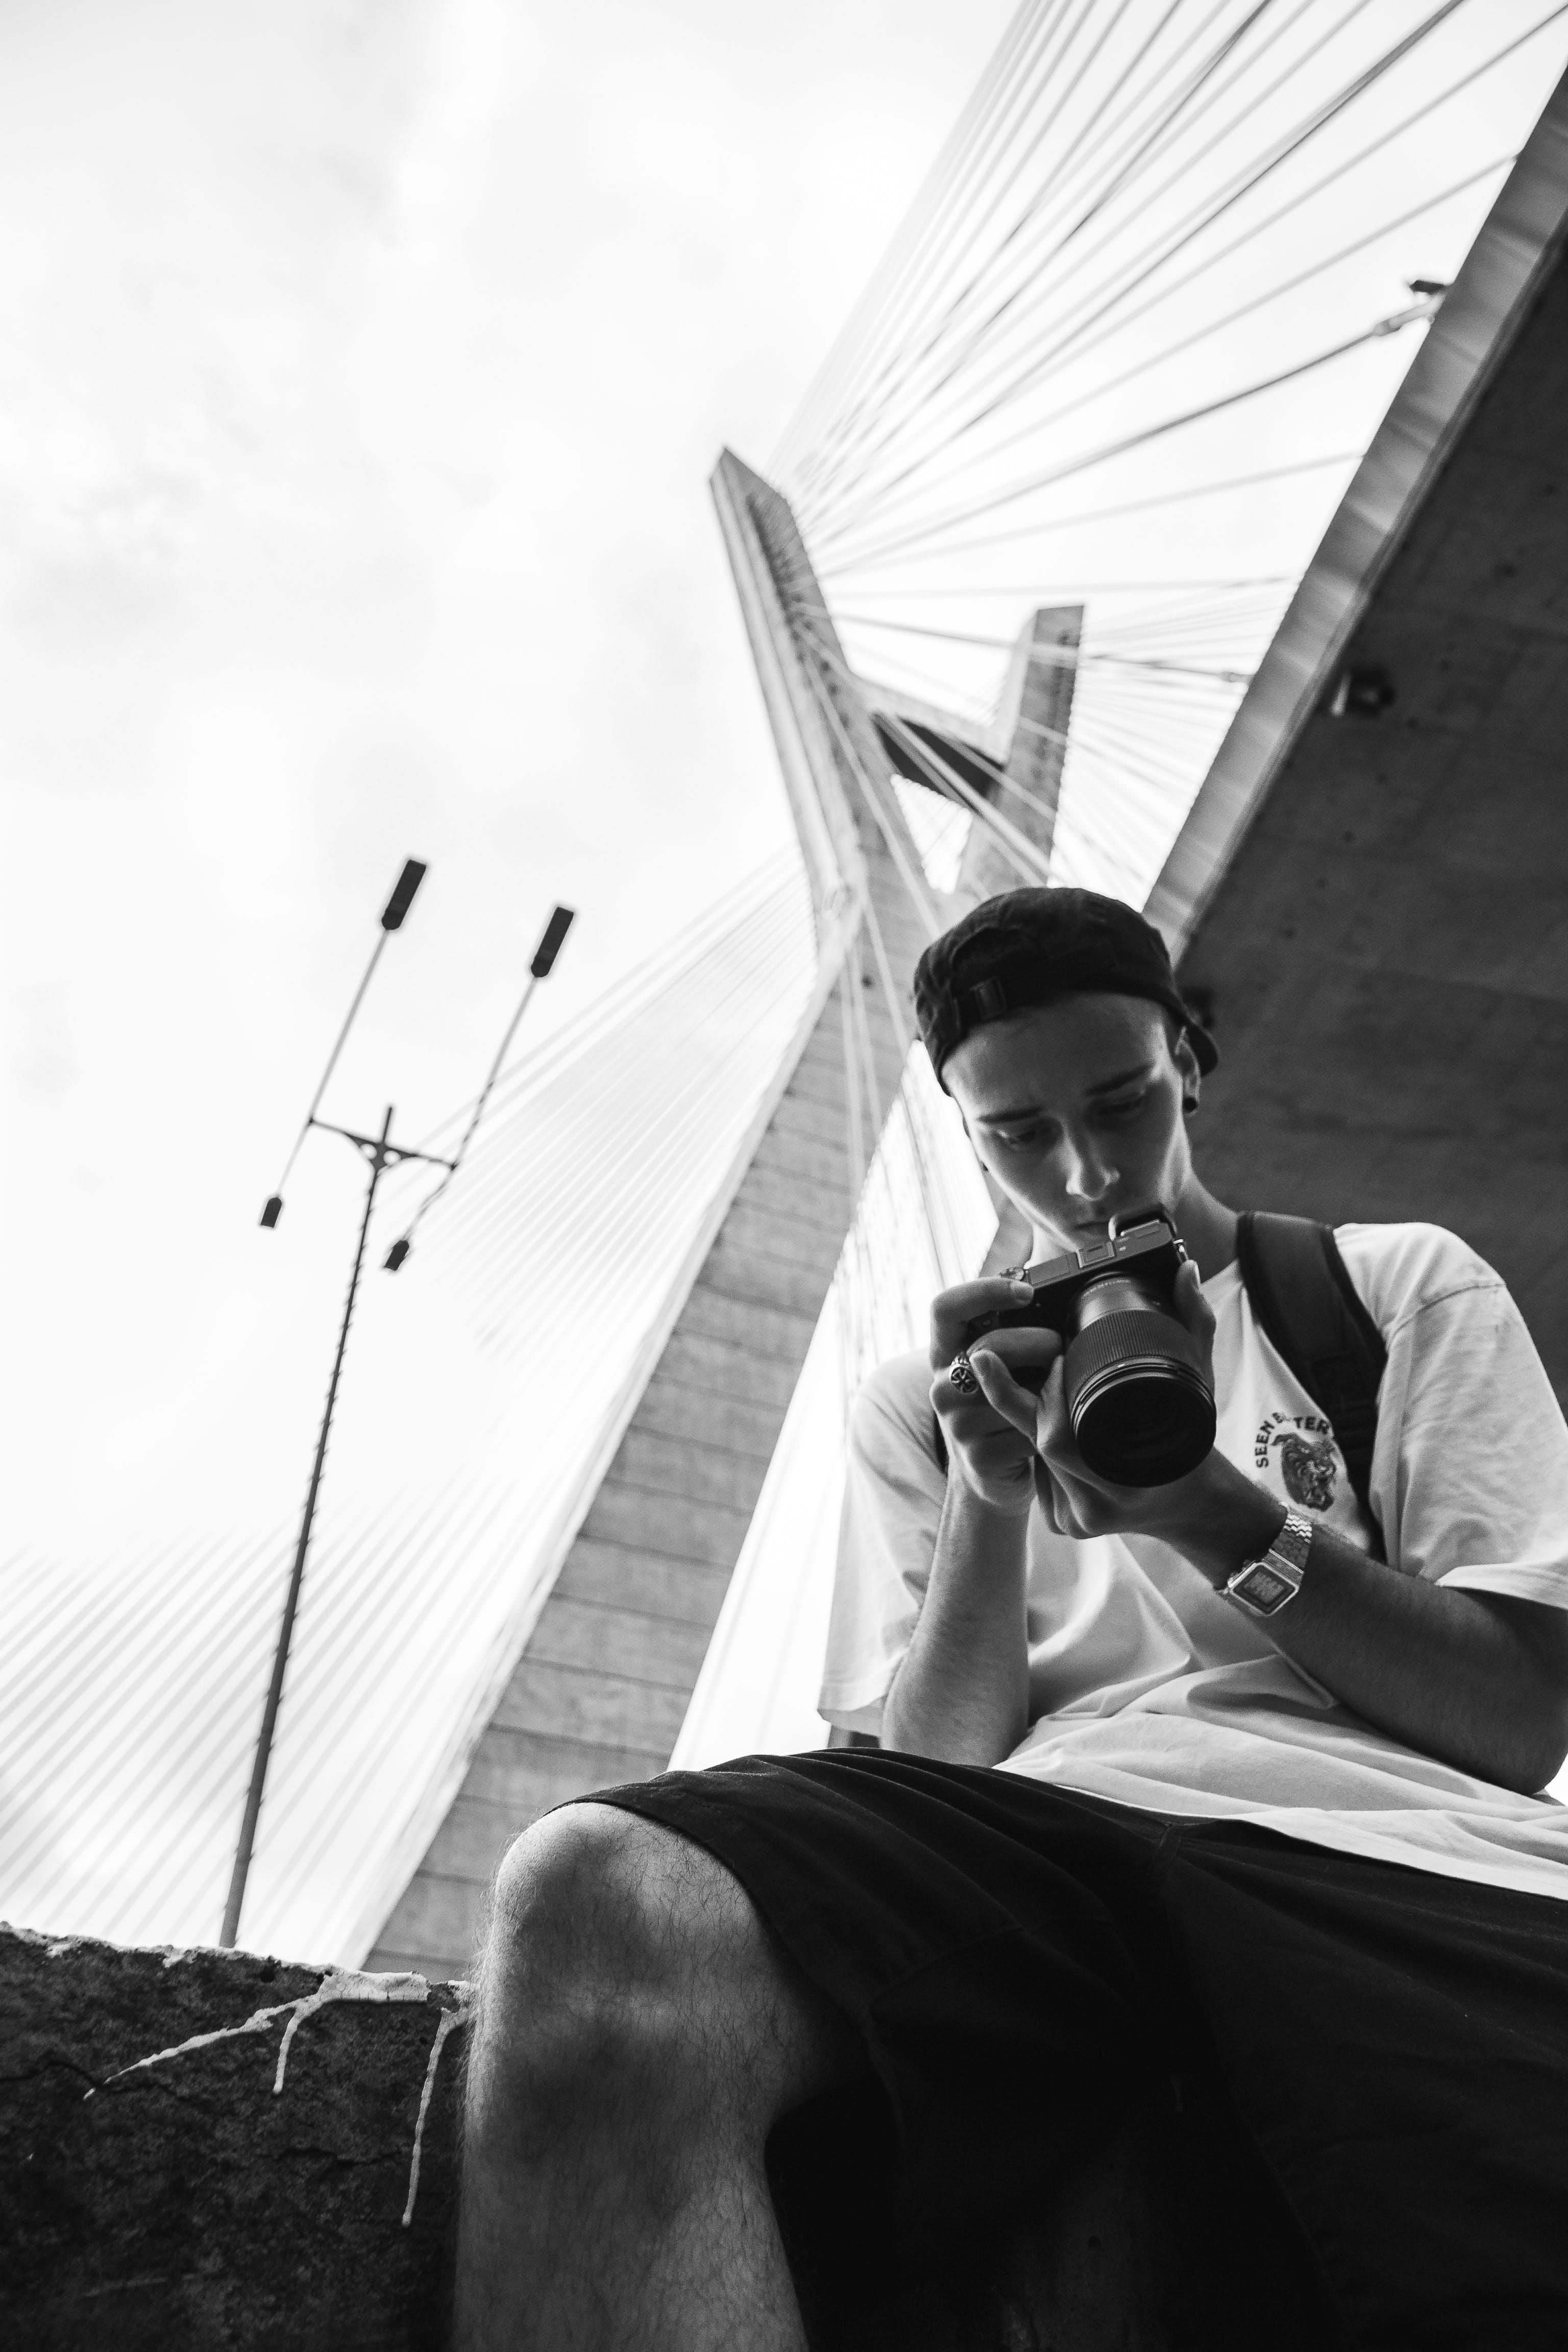 Man Looking at His Camera Under the Bridge